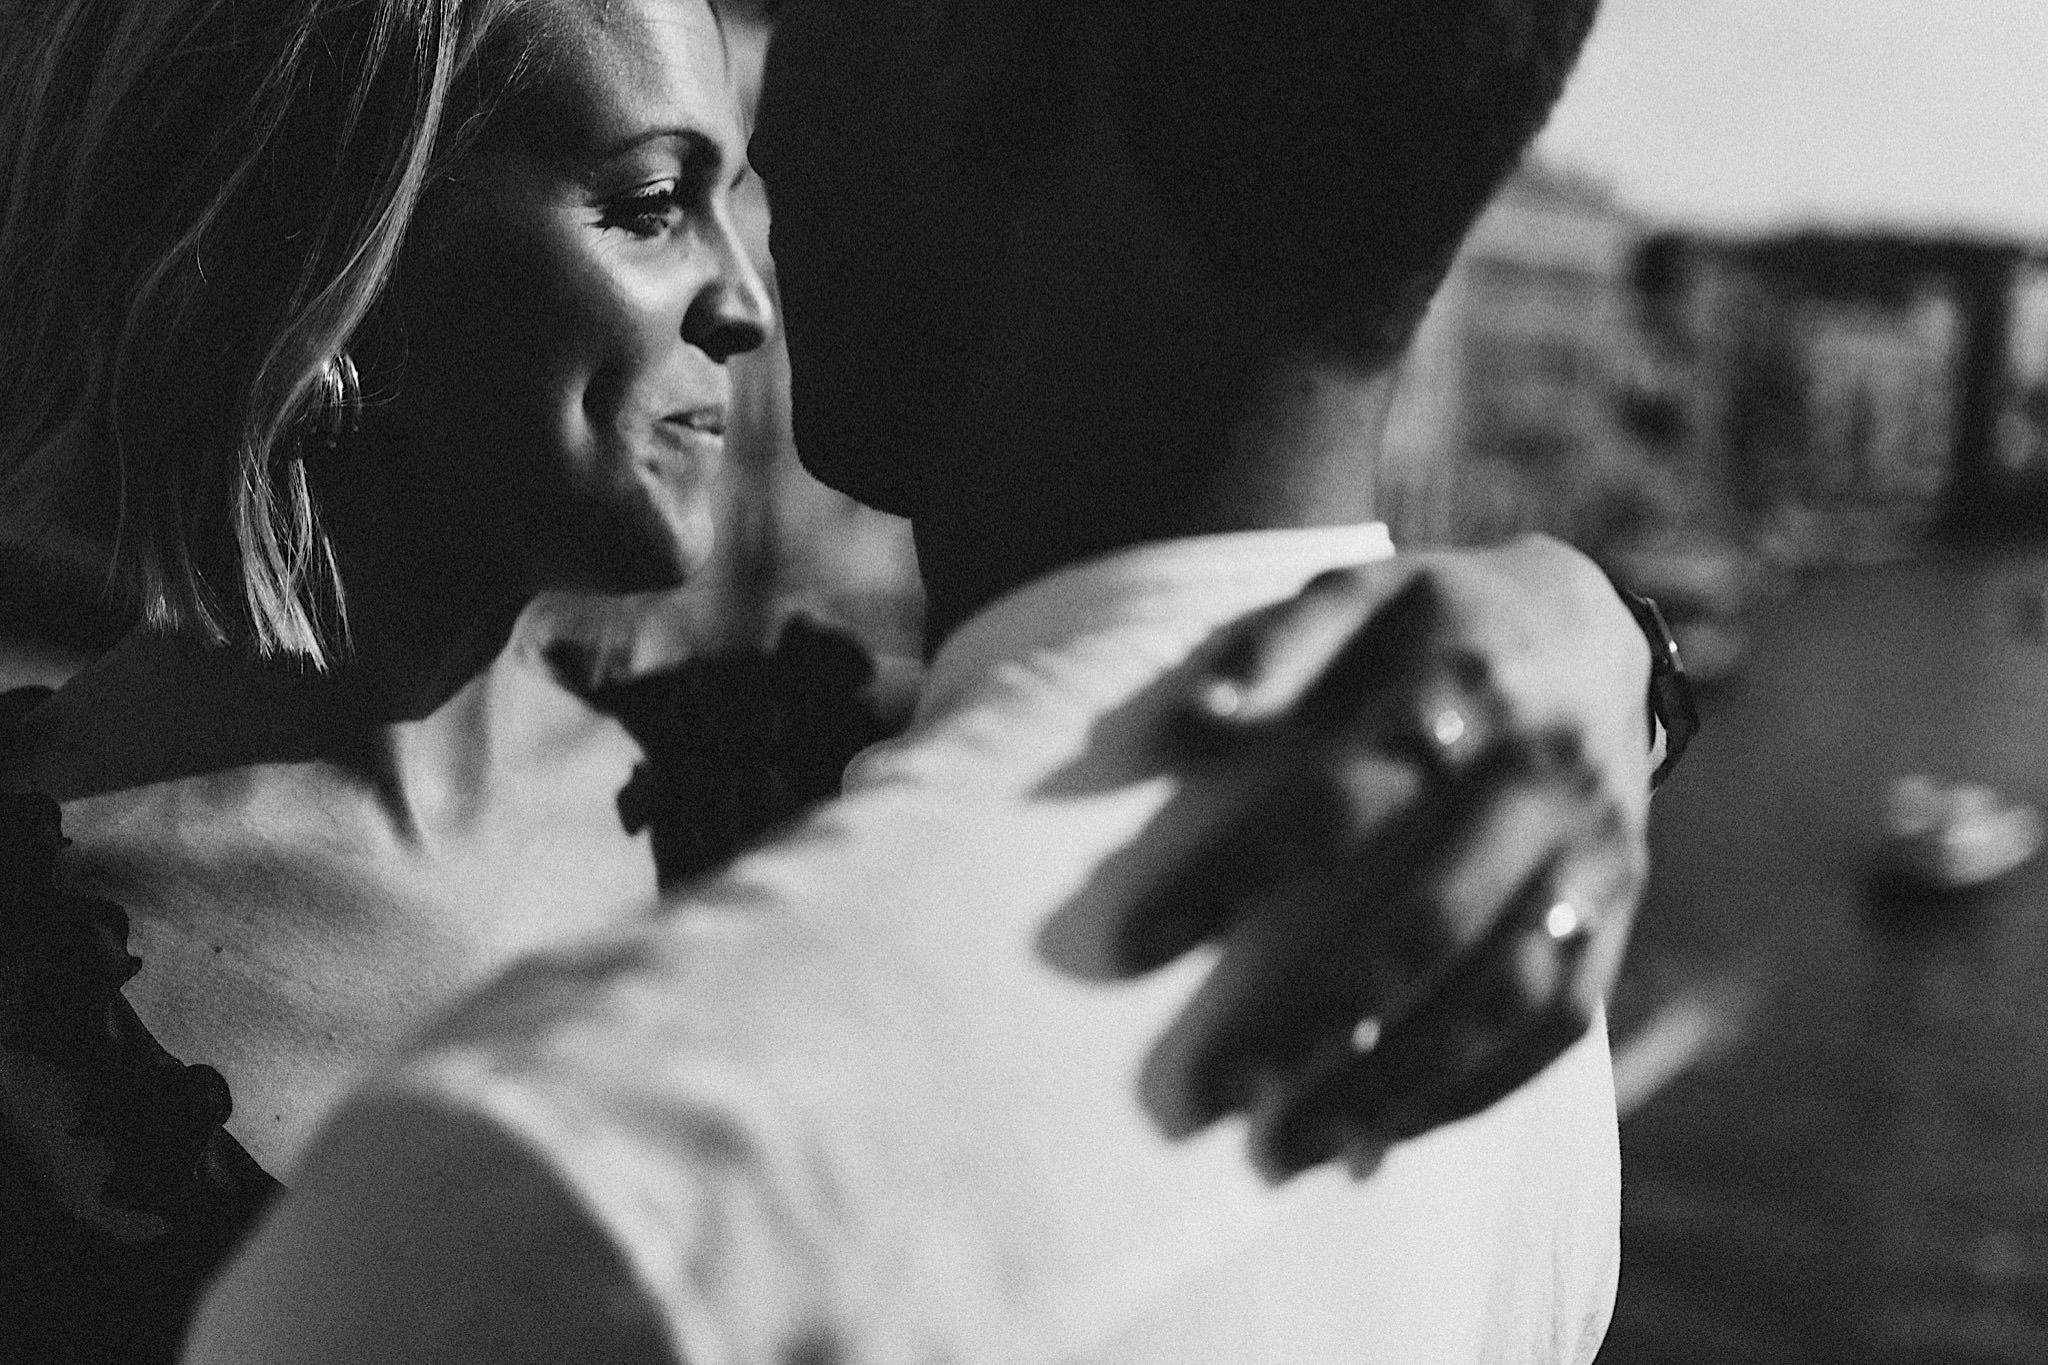 09_venezia_tramonto_matrimonio_proposta